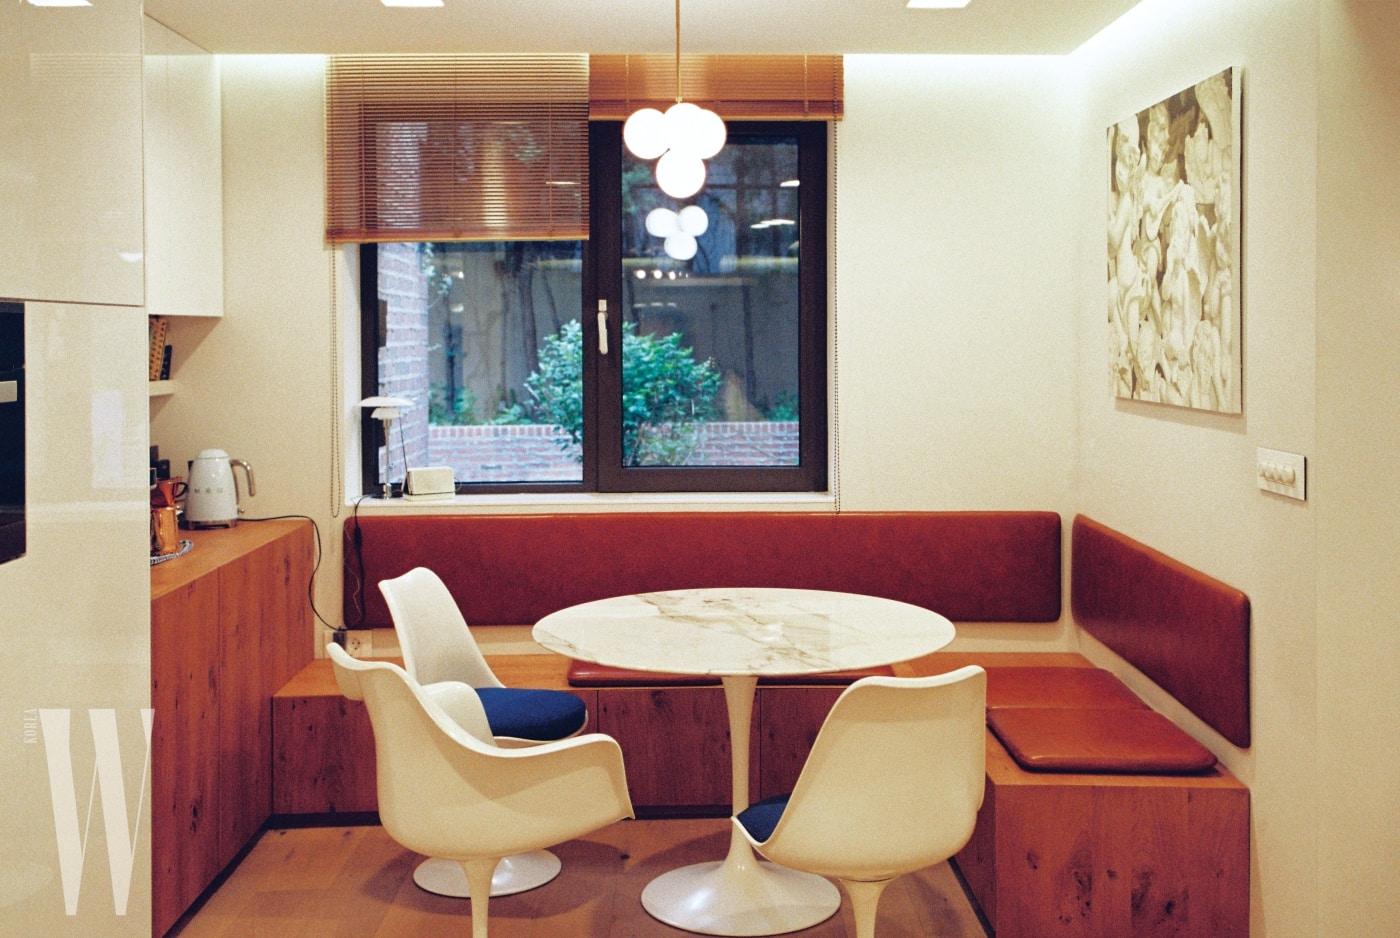 집에서 가장 시간을 많이 보내는 공간. 레스토랑처럼 코너 공간에 나무를 짜 넣고, 가죽 등받이를 부착했다. 20여 년 전부터 사용하고 있는 애정하는 튤립 테이블과 의자 세트를 함께 놓아 커피도 마시고, 팀원들과 함께 미팅을 하는 등 다양한 용도로 활용한다.